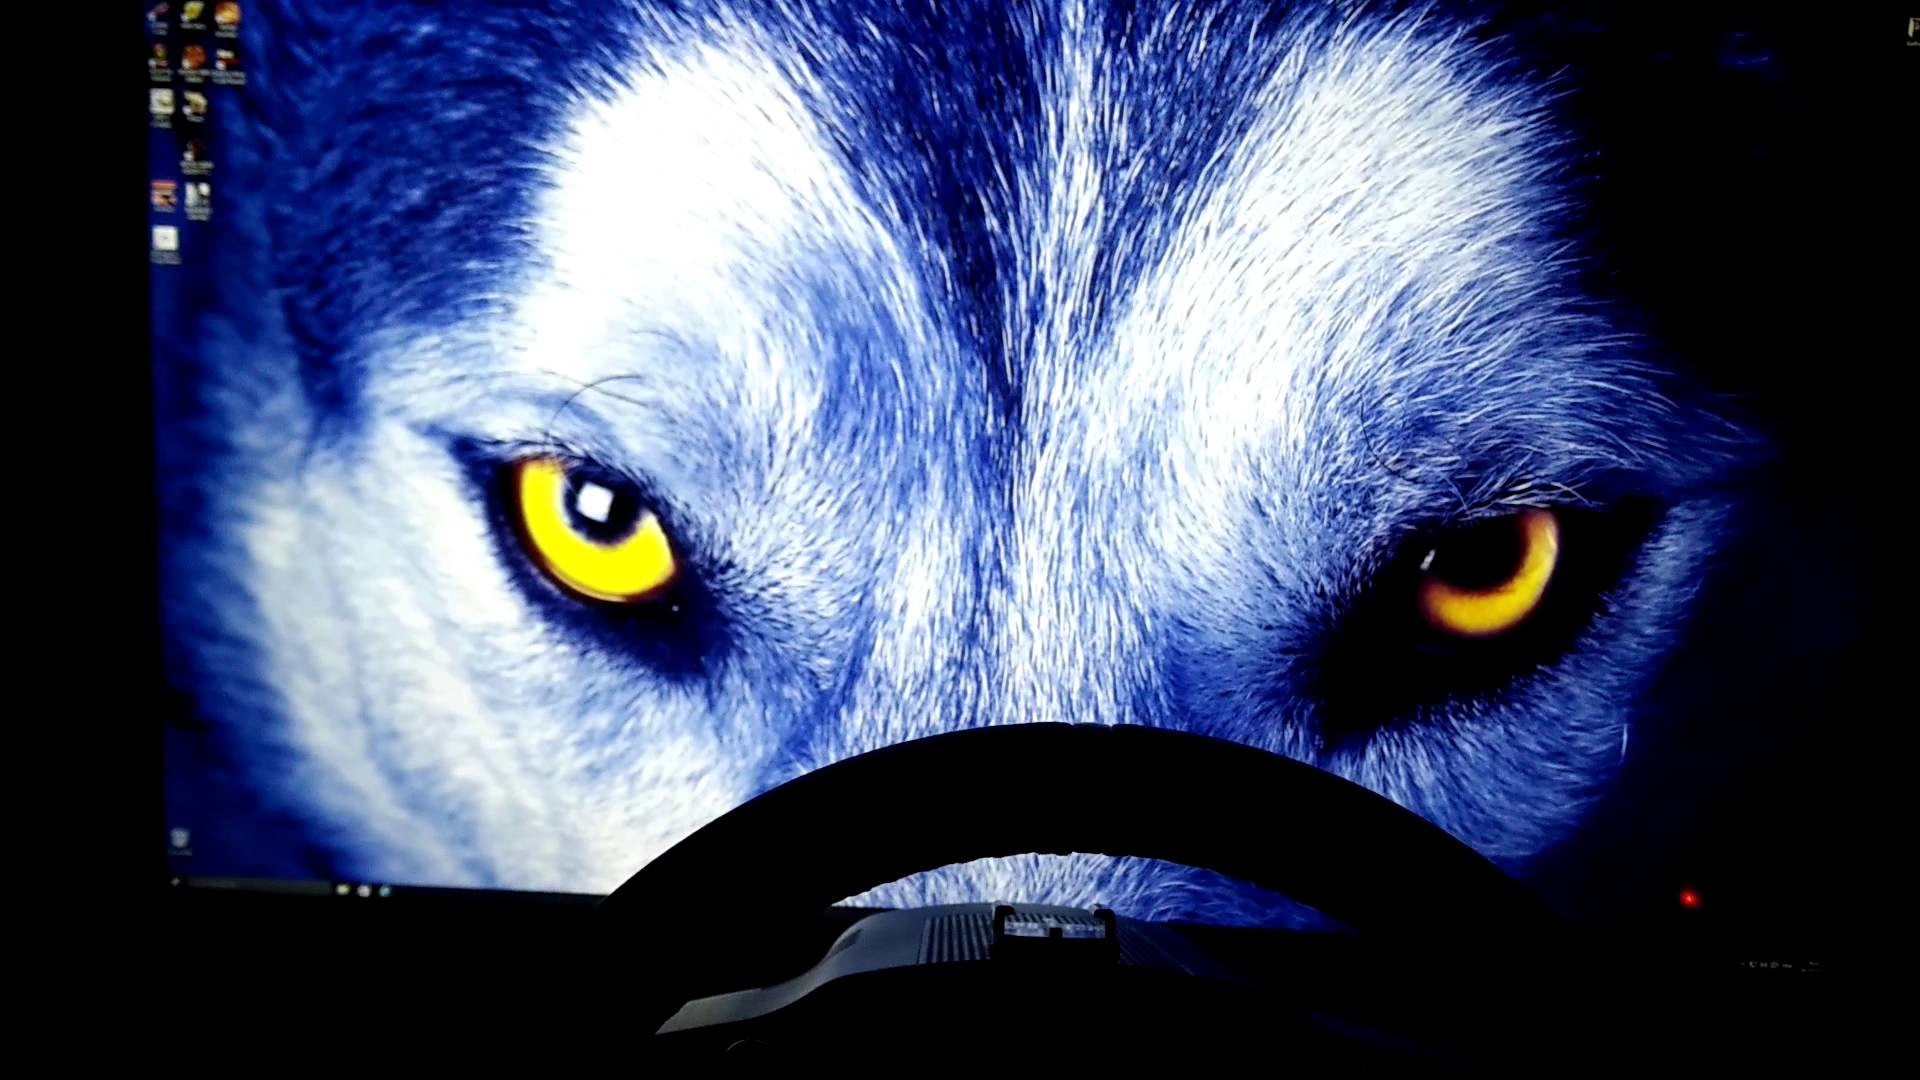 Wolf wallpaper in 4k